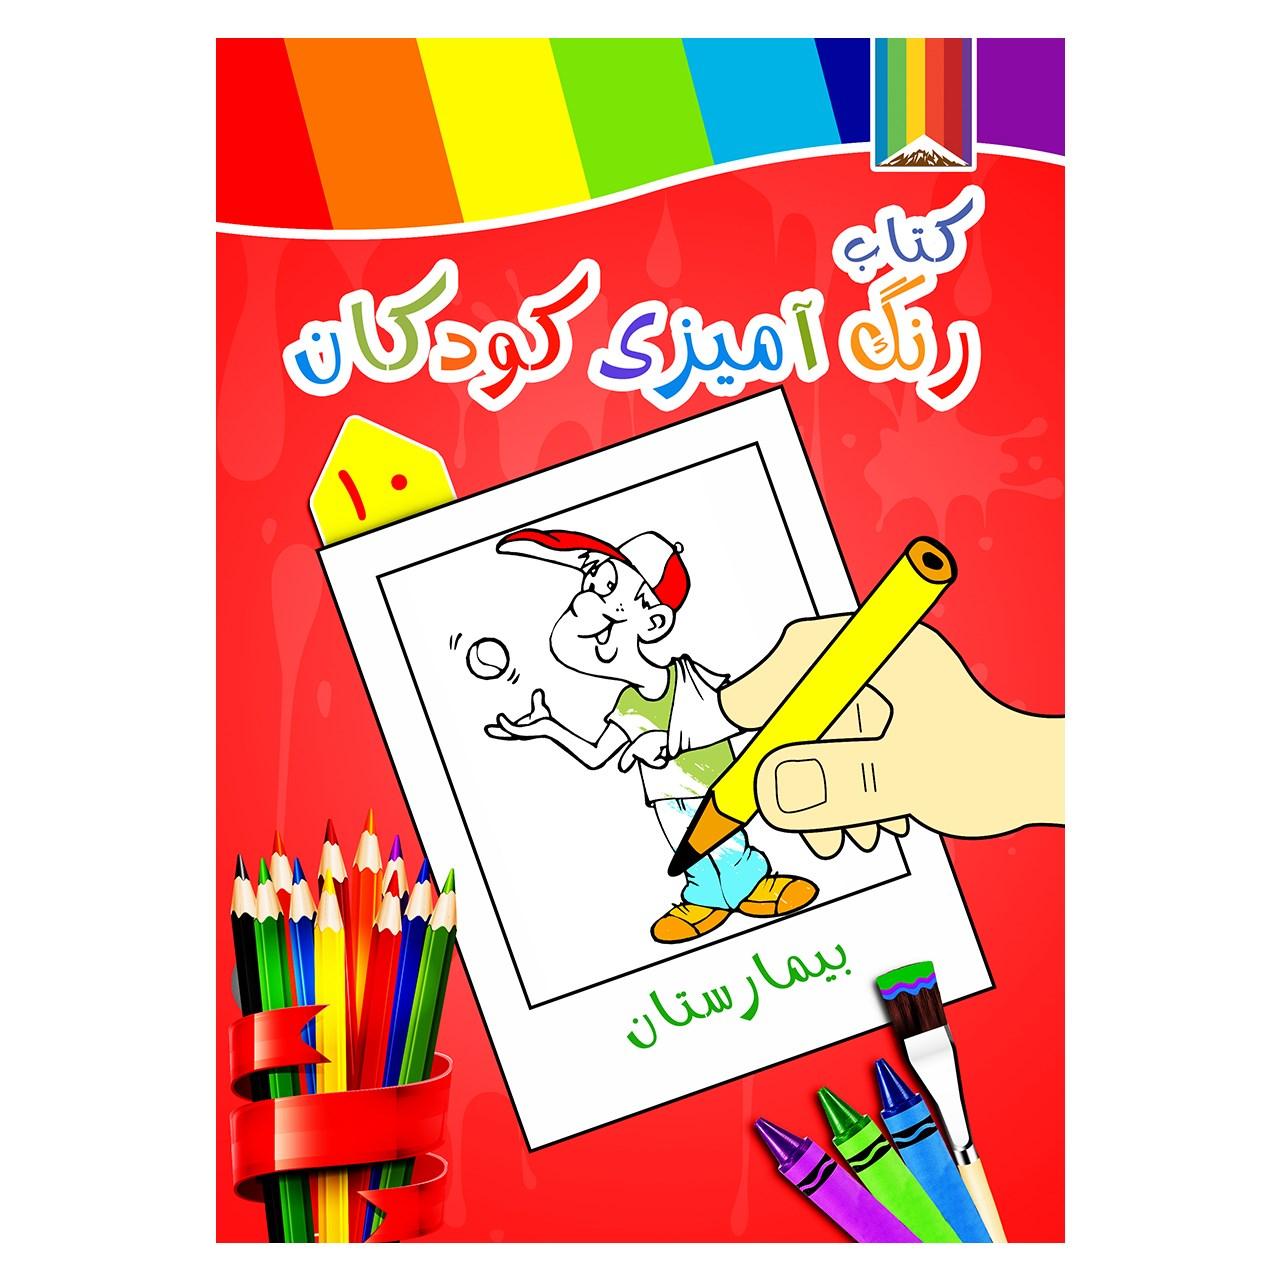 کتاب رنگ آمیزی کودکان شماره 10